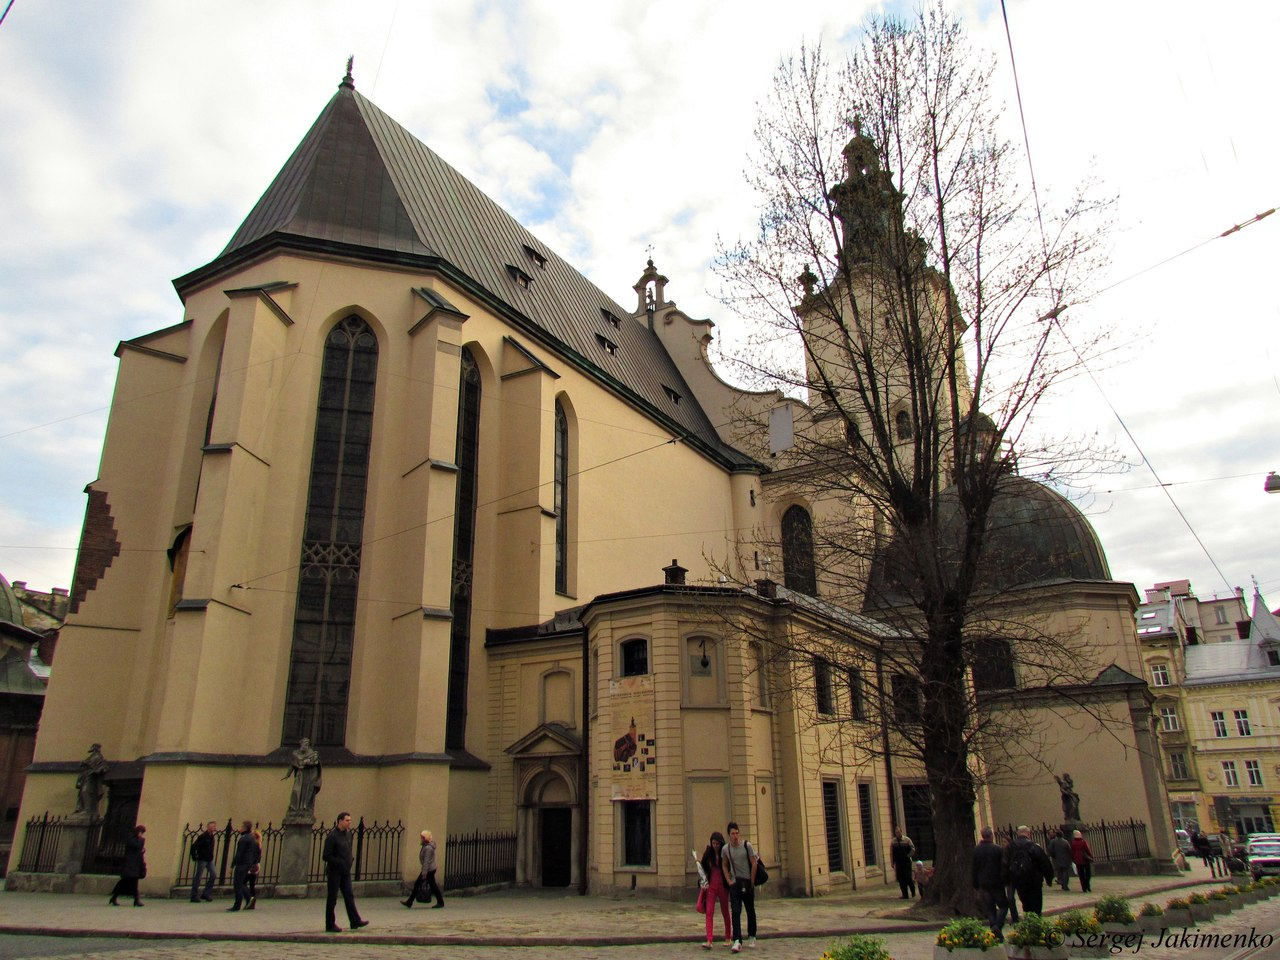 Latin Katedrali (Kaynak: Wikipedia)